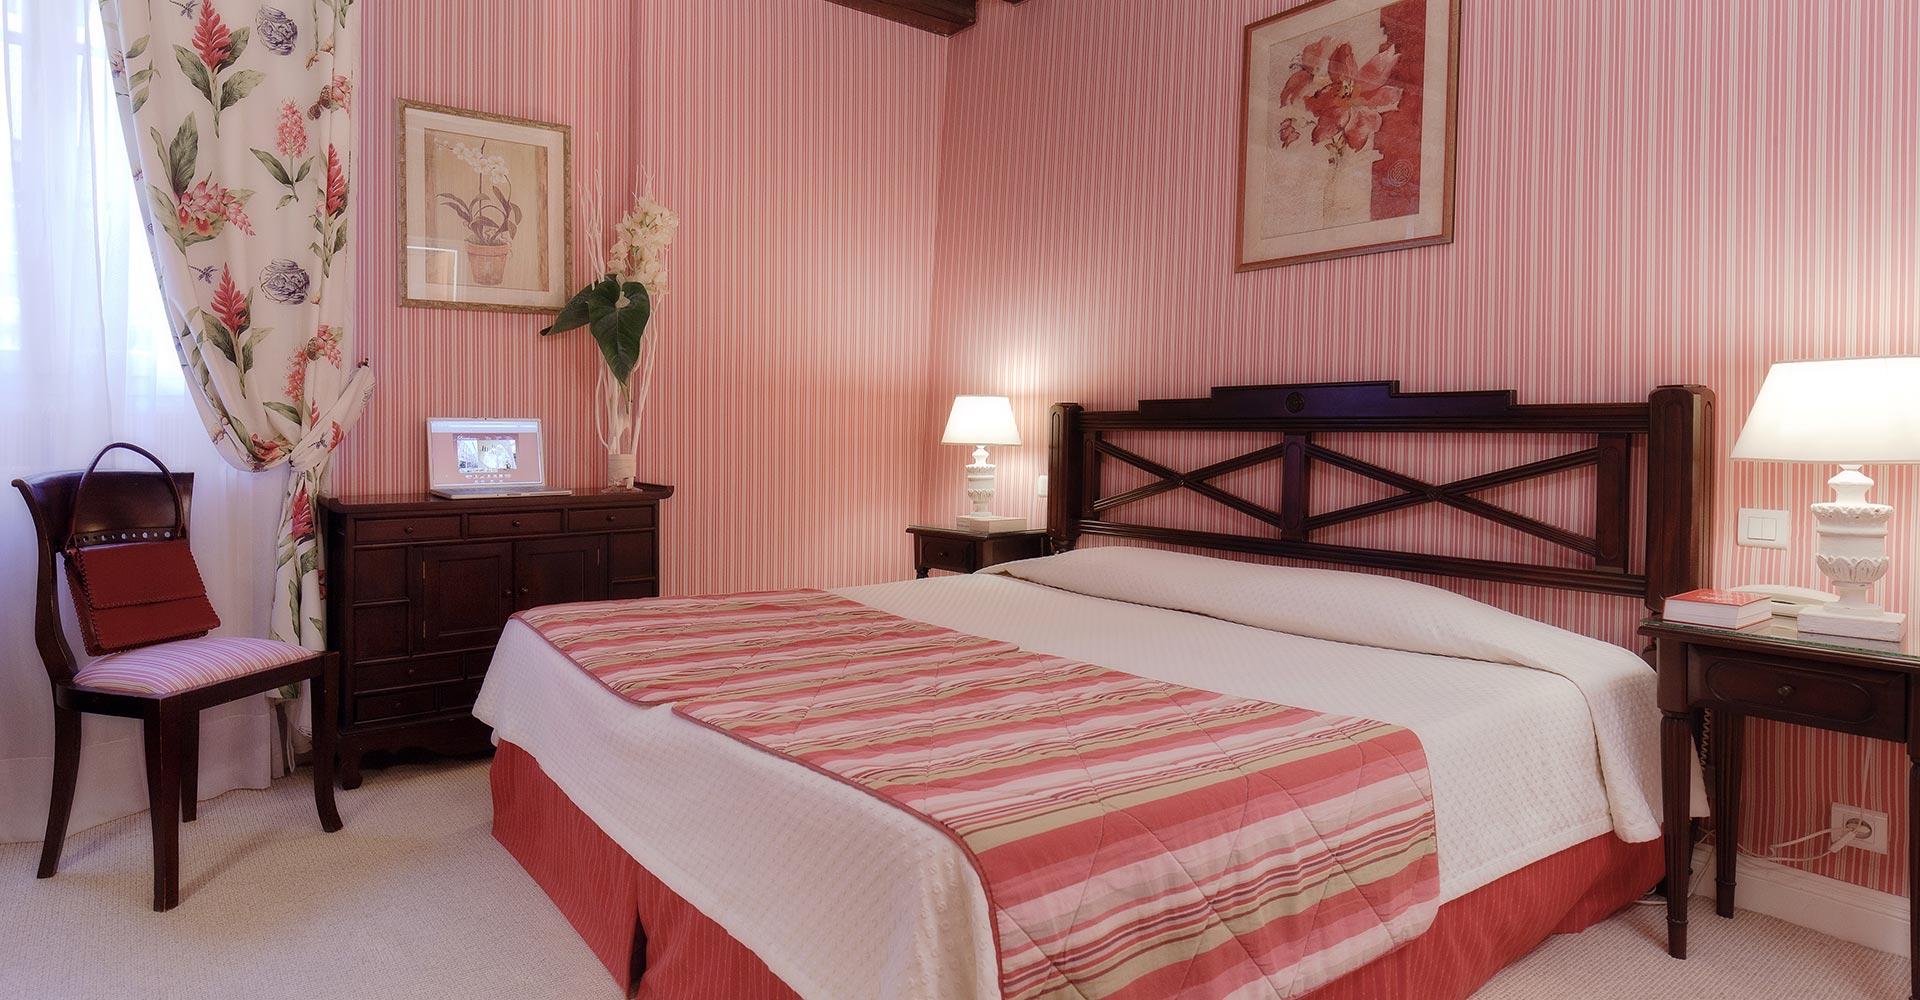 hotel_beaubourg_paris_marais_double_superieure10